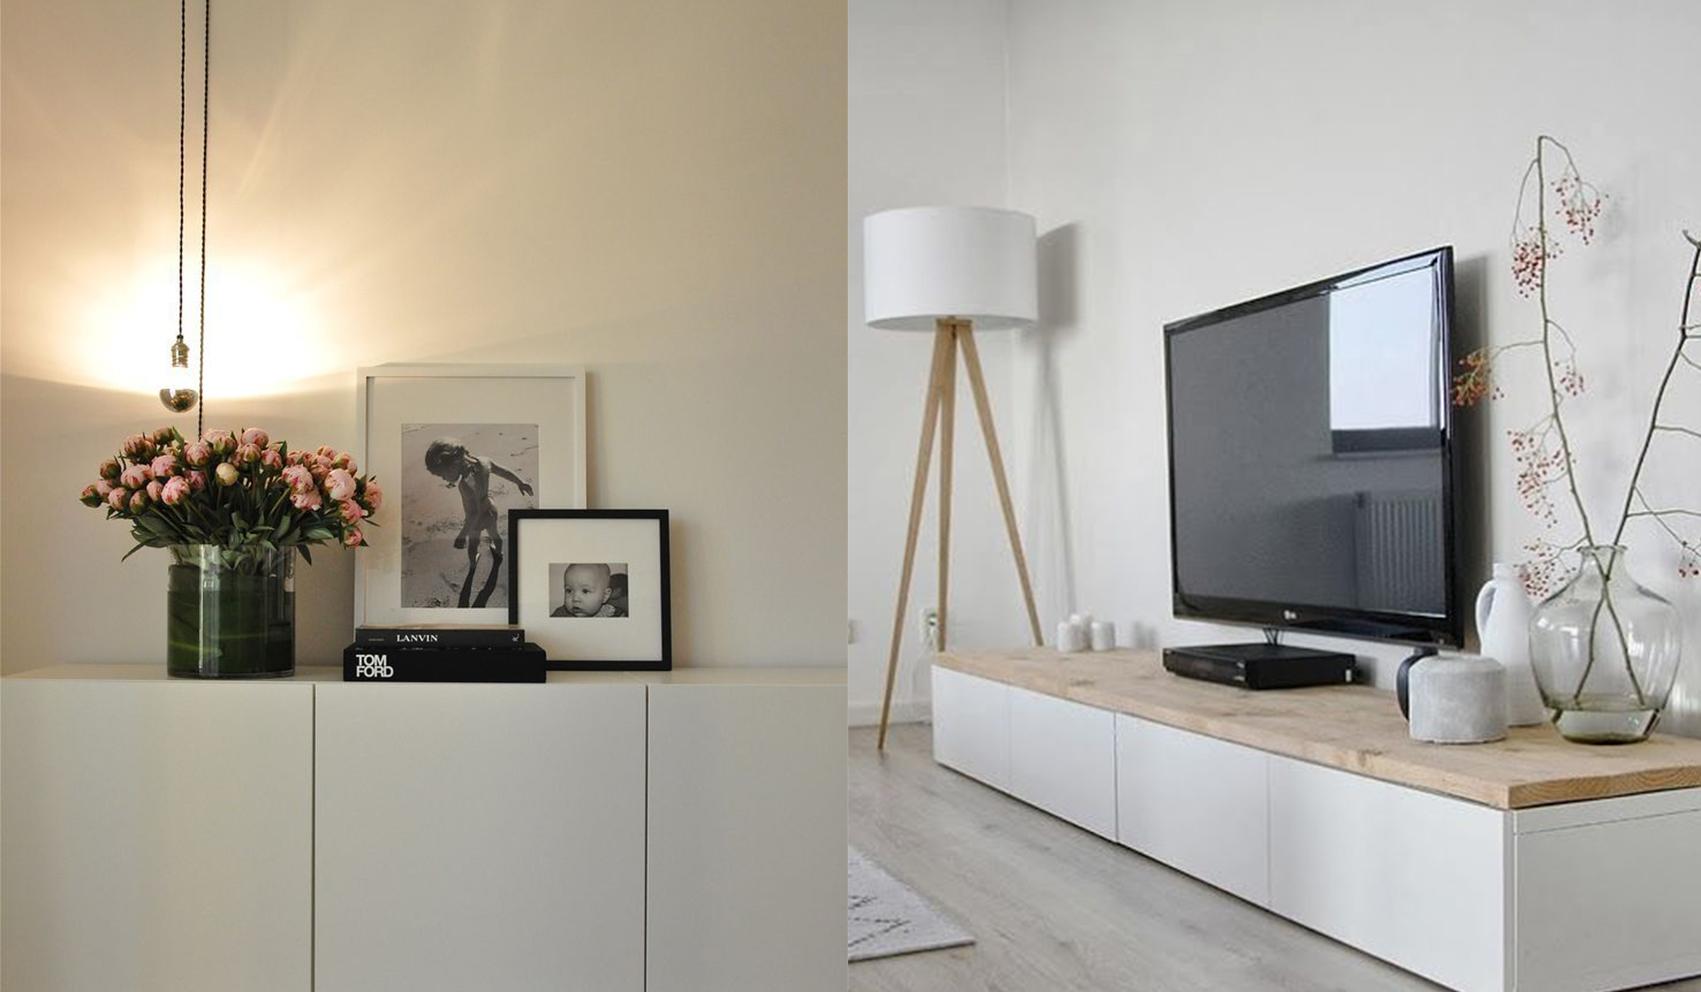 Lampen voor woonkamer woonkamer lampen vloerlamp karwei for Lamp woonkamer